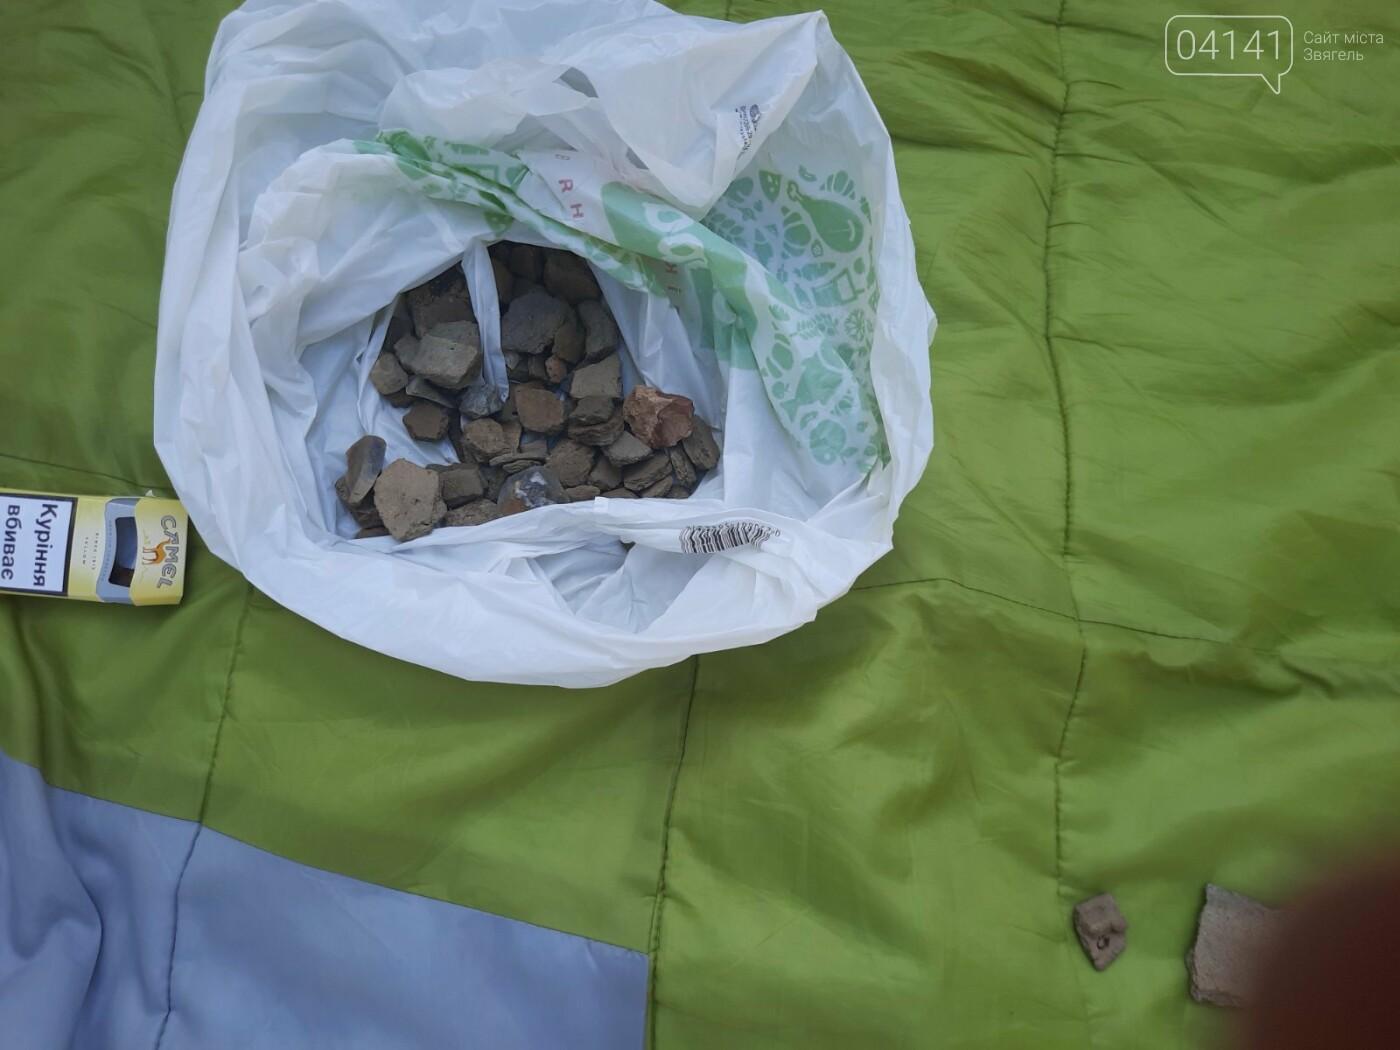 Залишки давнього поселення бронзової доби виявили на Новоград-Волинщині , фото-7